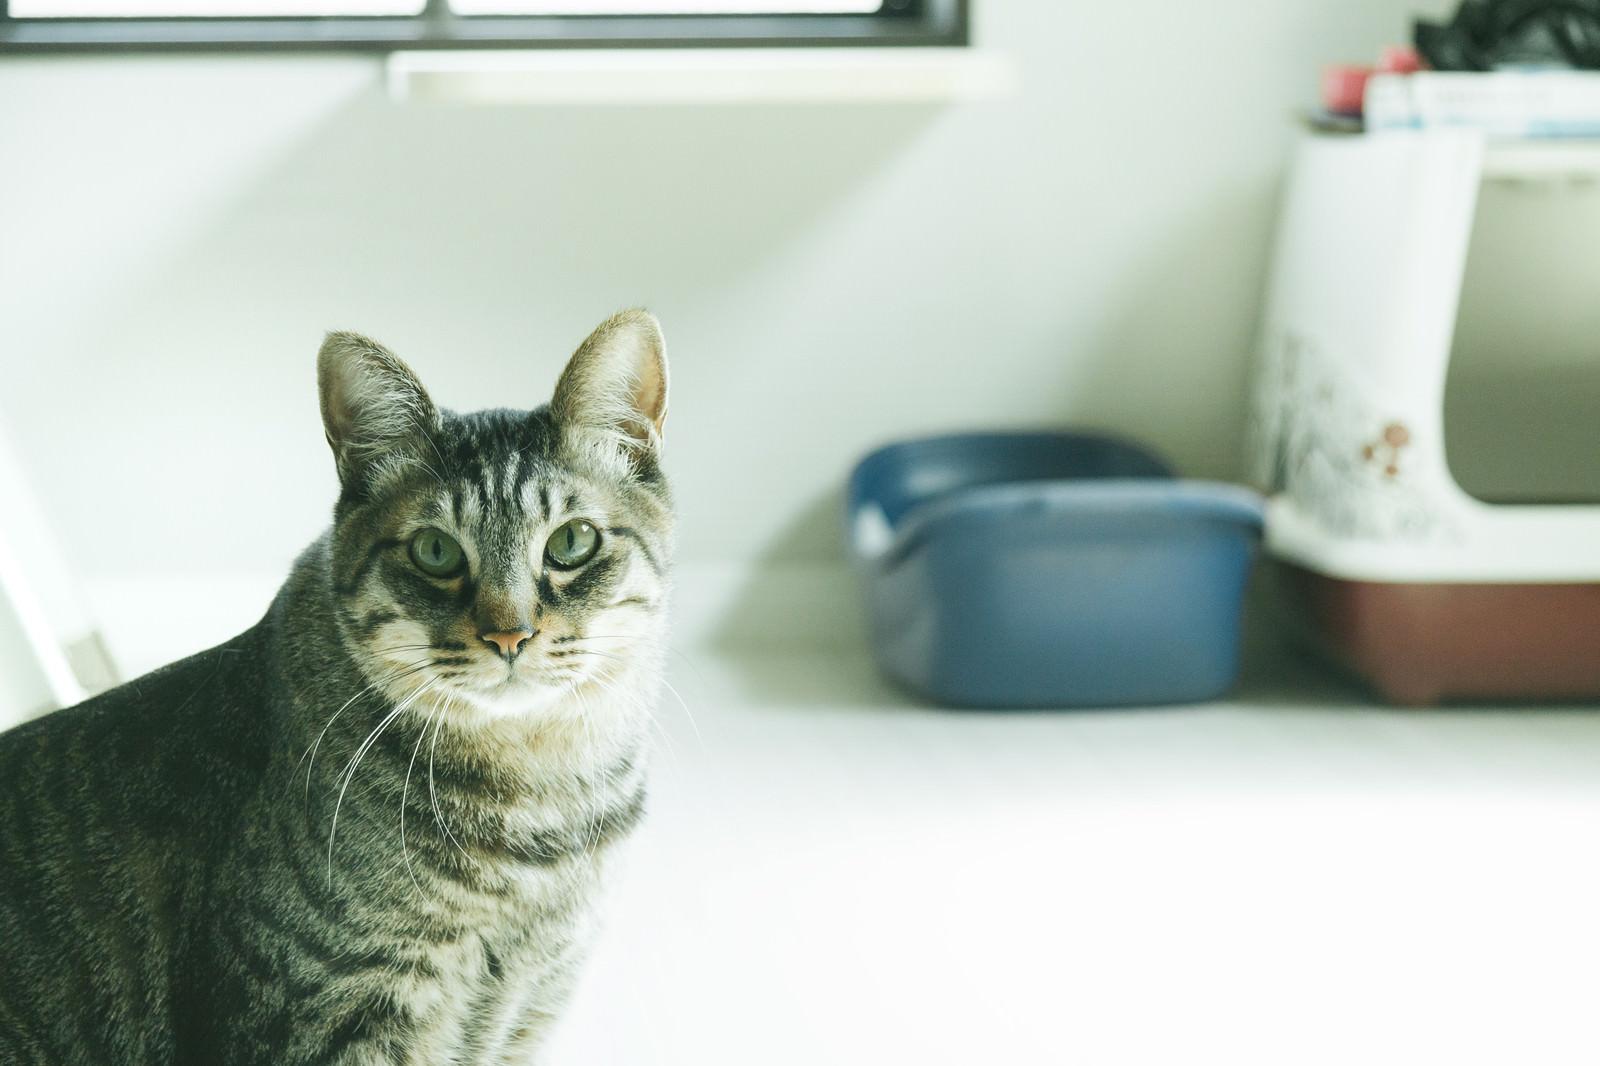 「ご主人の異変を察する猫」の写真